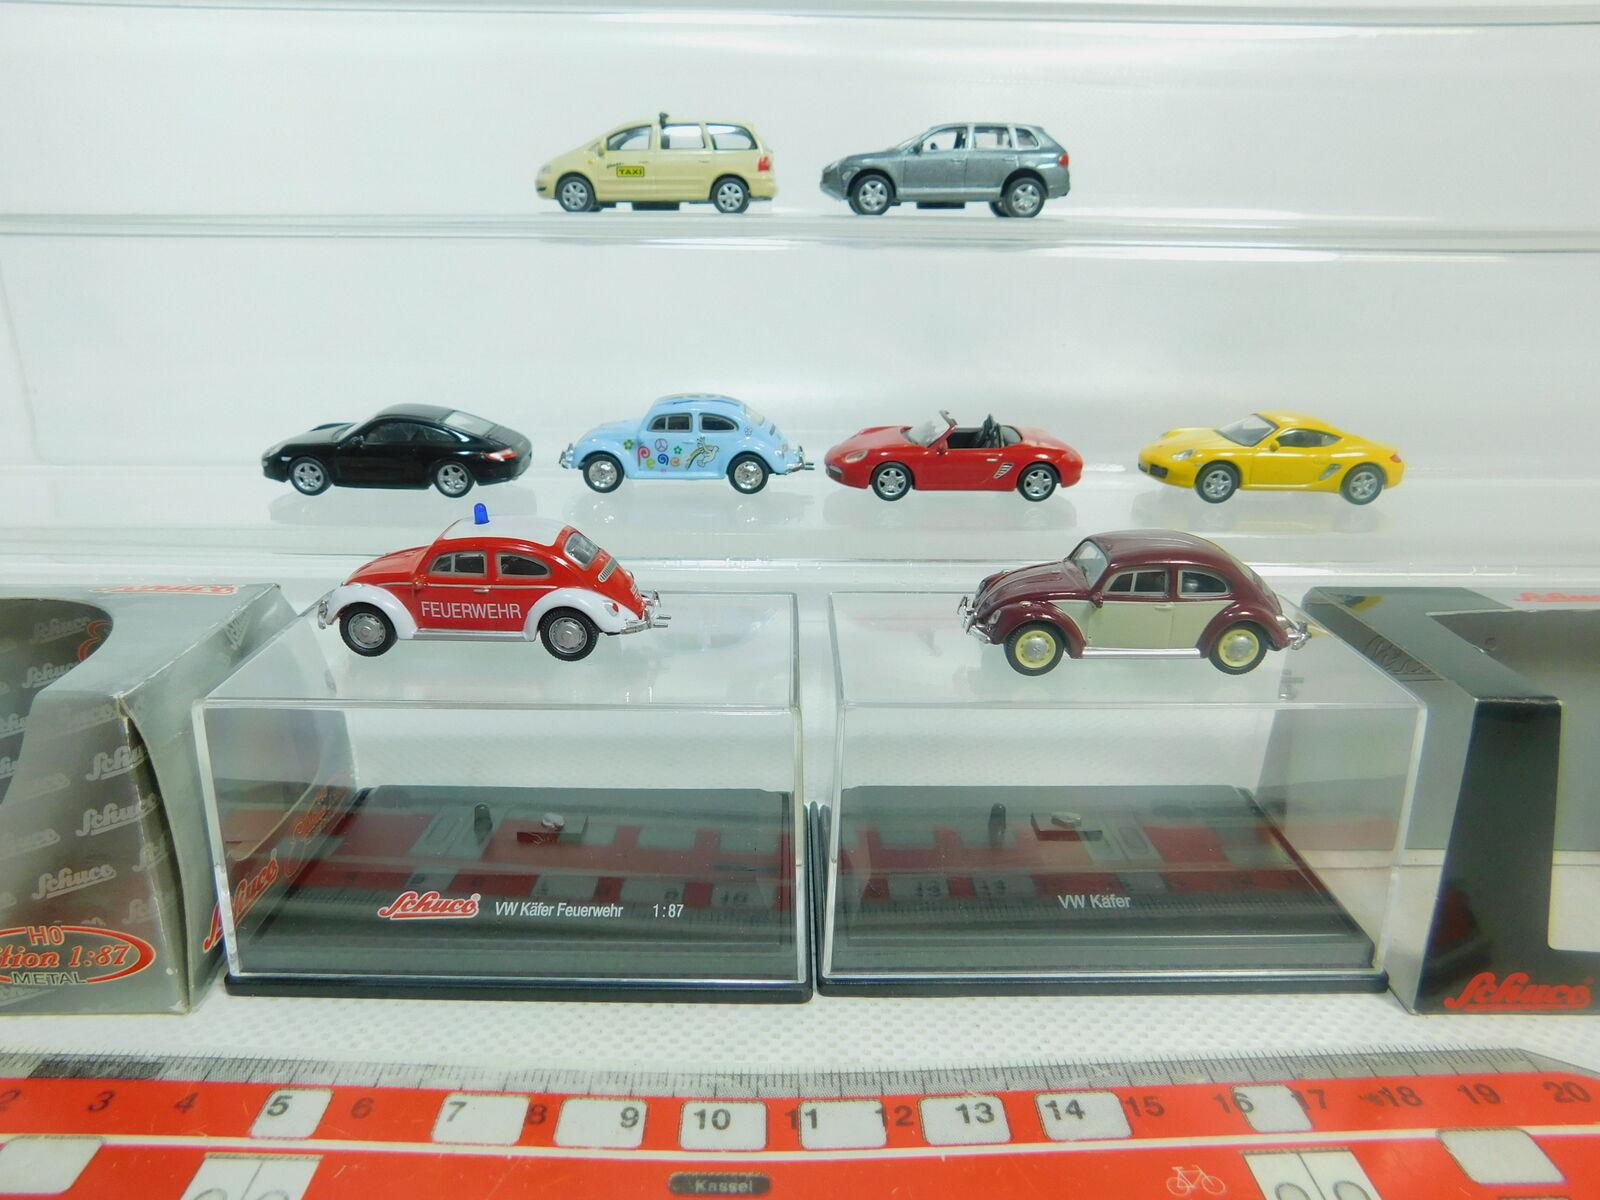 BO887-0,5  8x Schuco H0 1 87 Modell  Porsche  VW Volkswagen Käfer FW  Sharan    Große Ausverkauf